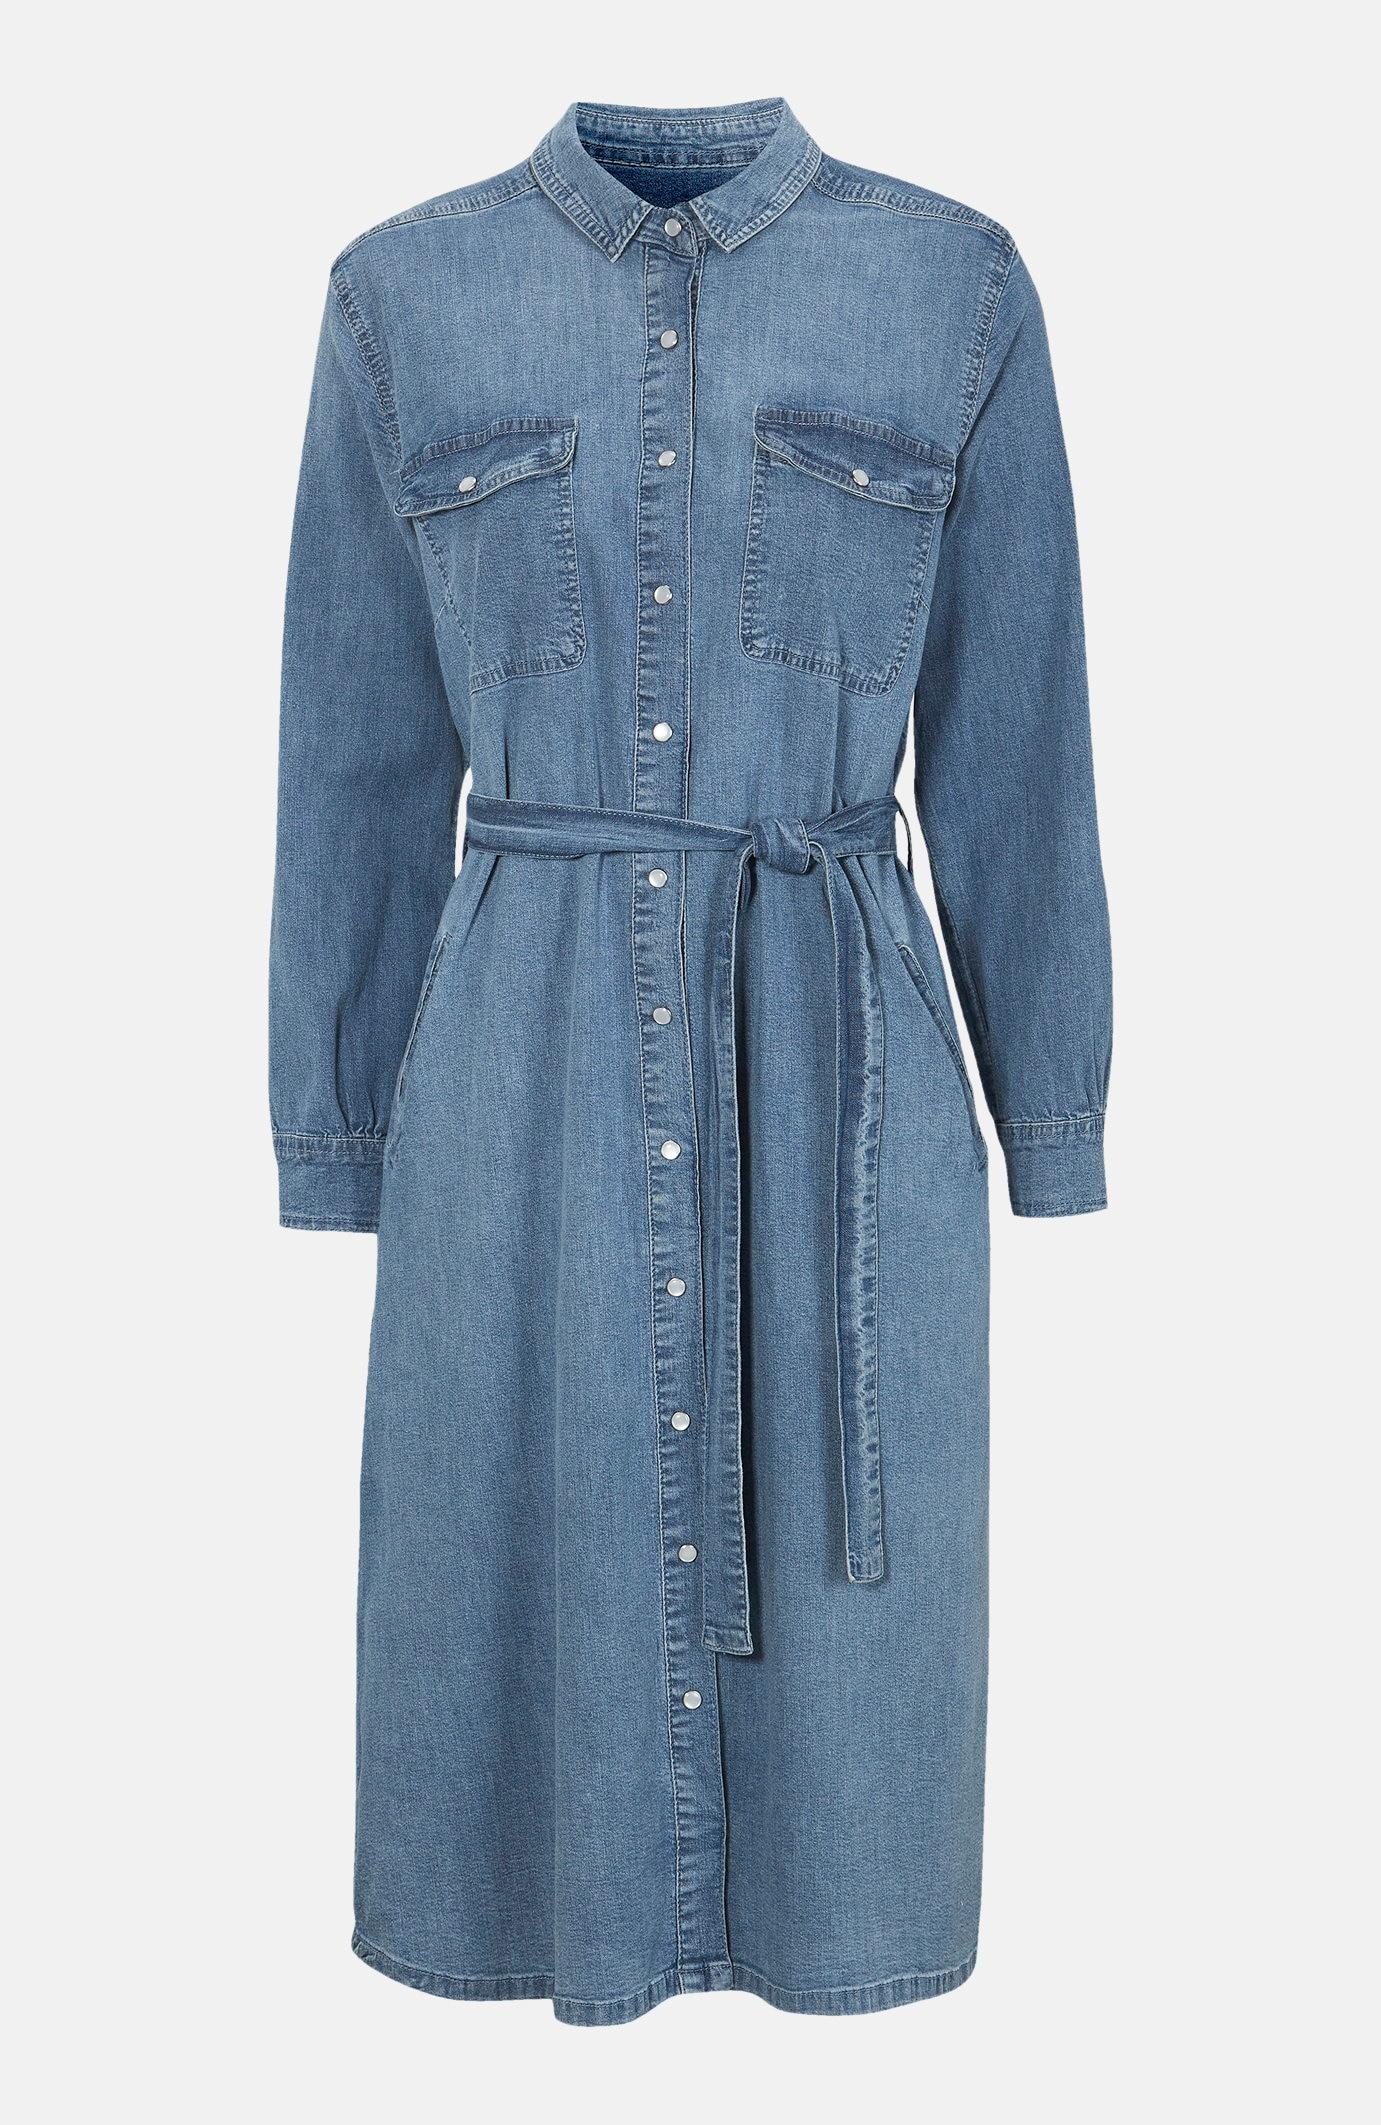 Denimklänning med tryckknappar